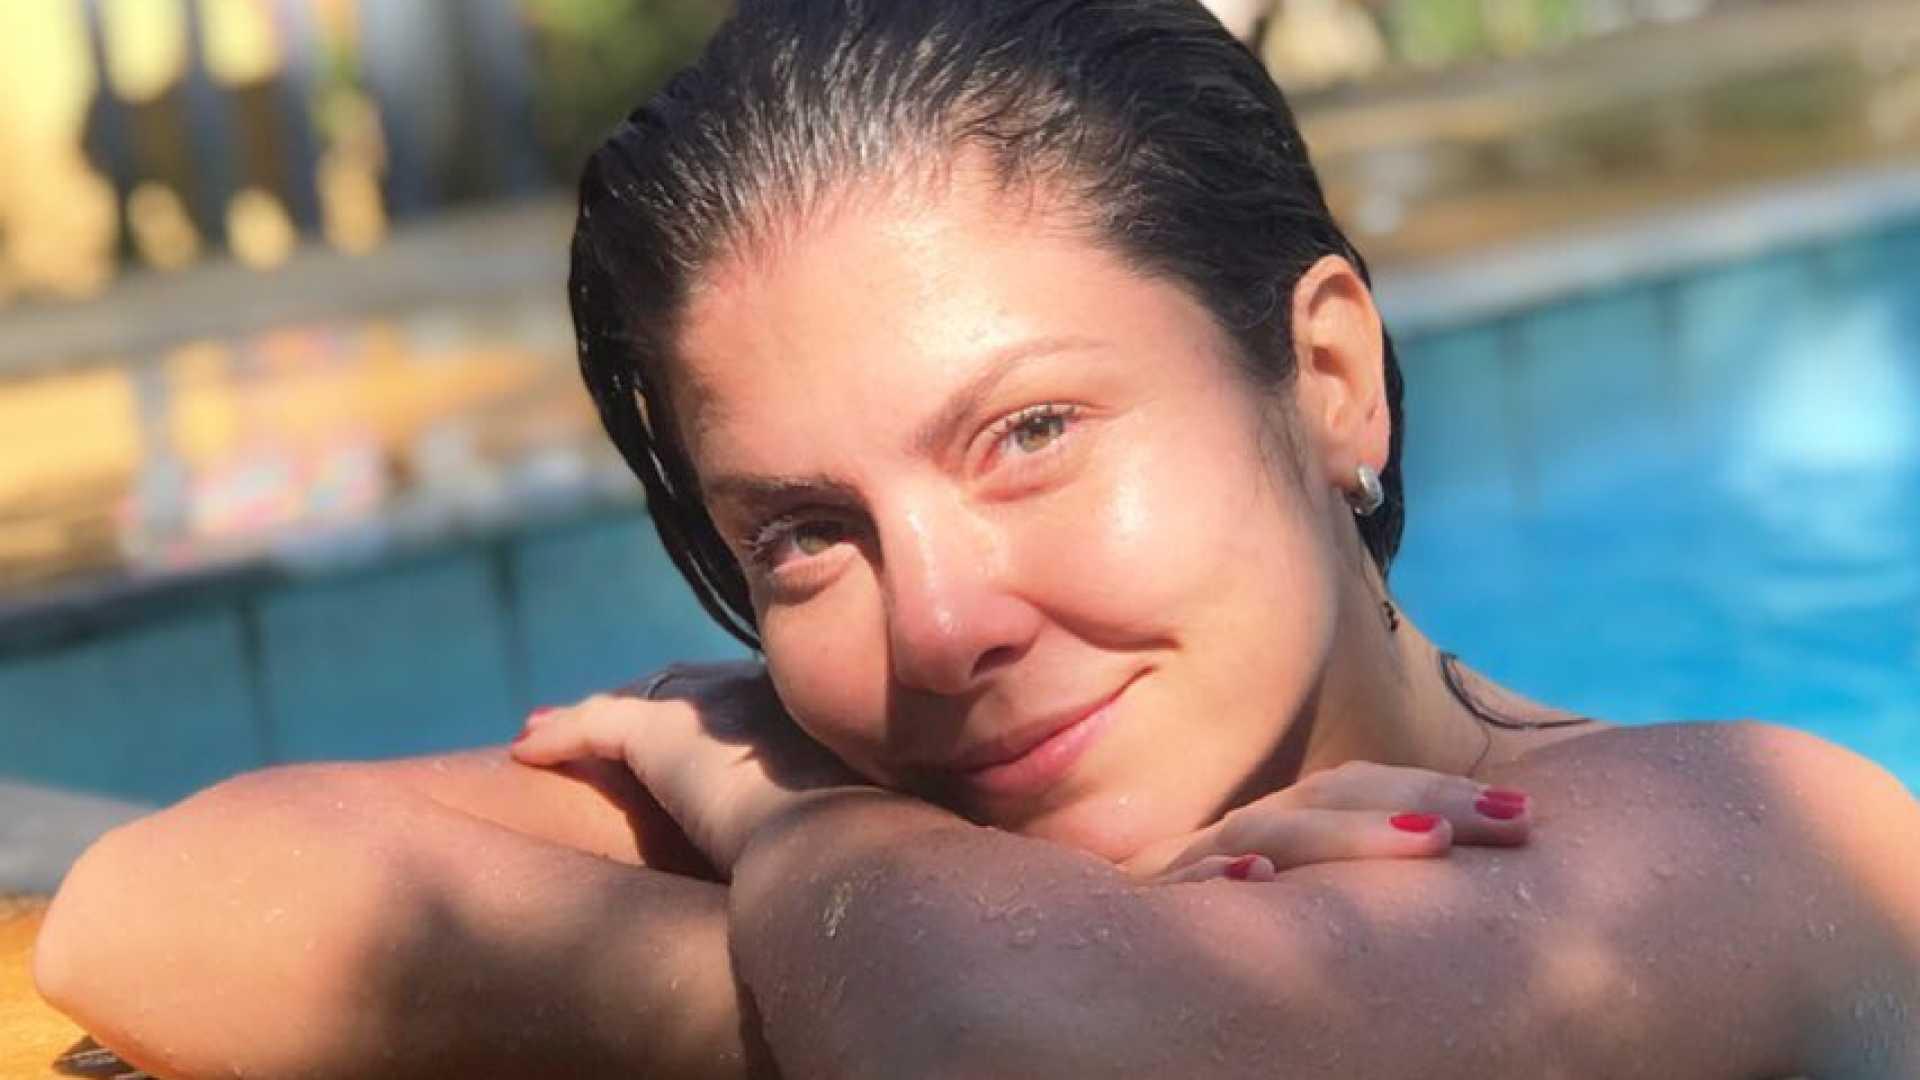 Bárbara Borges Bárbara Borges Dá Testemunho Sobre O Alcoolismo